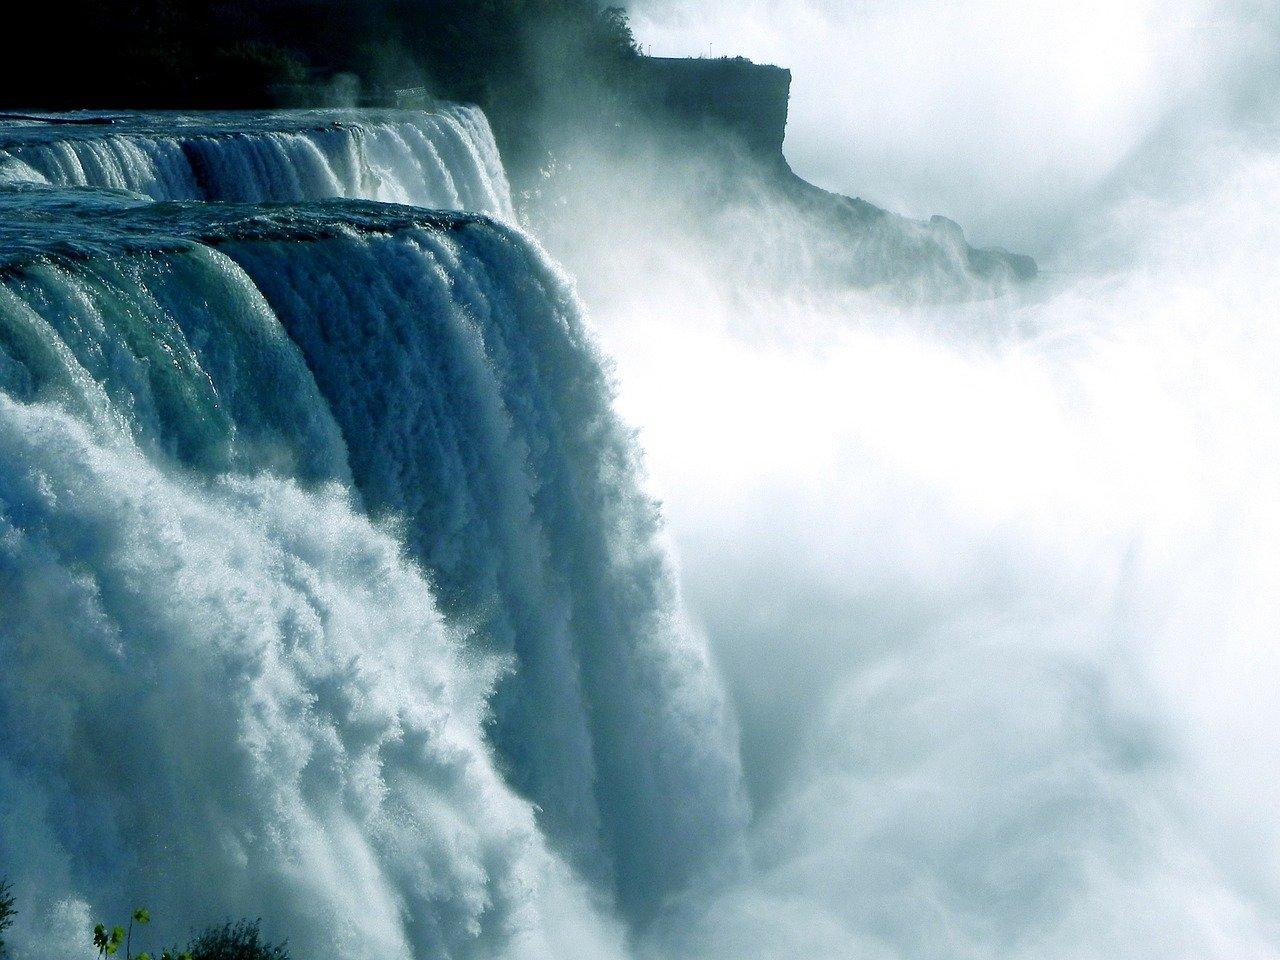 L'acqua e l'inconscio travolgente